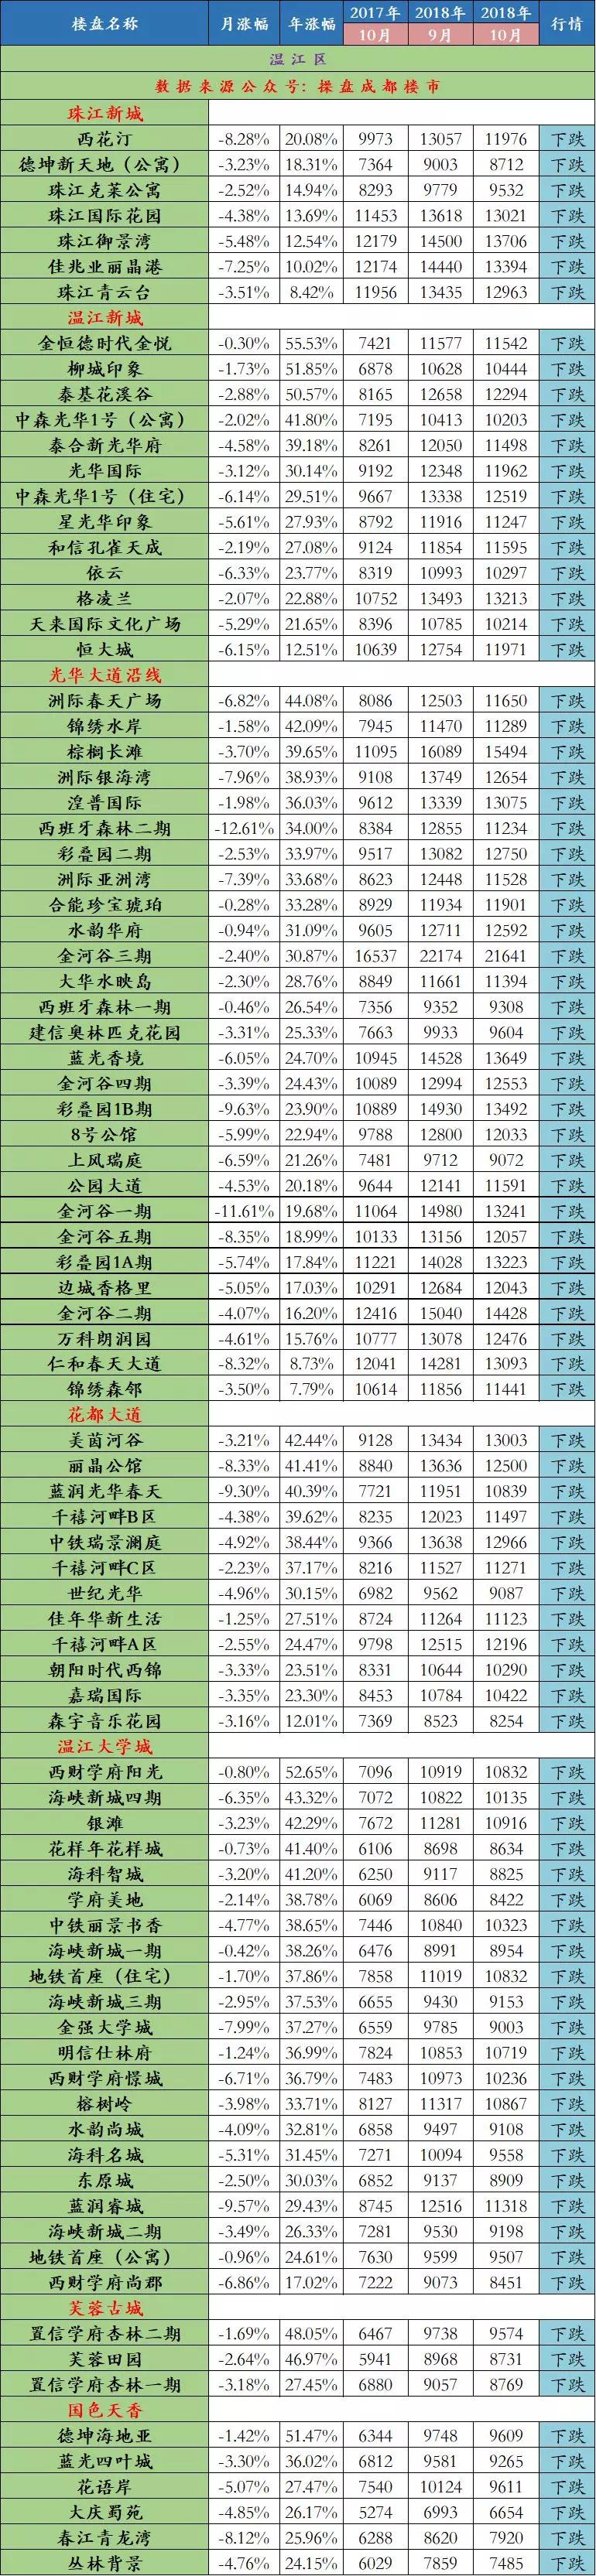 10月温江区二手房迎来100%下跌,连跌3个月哪个敢接盘?